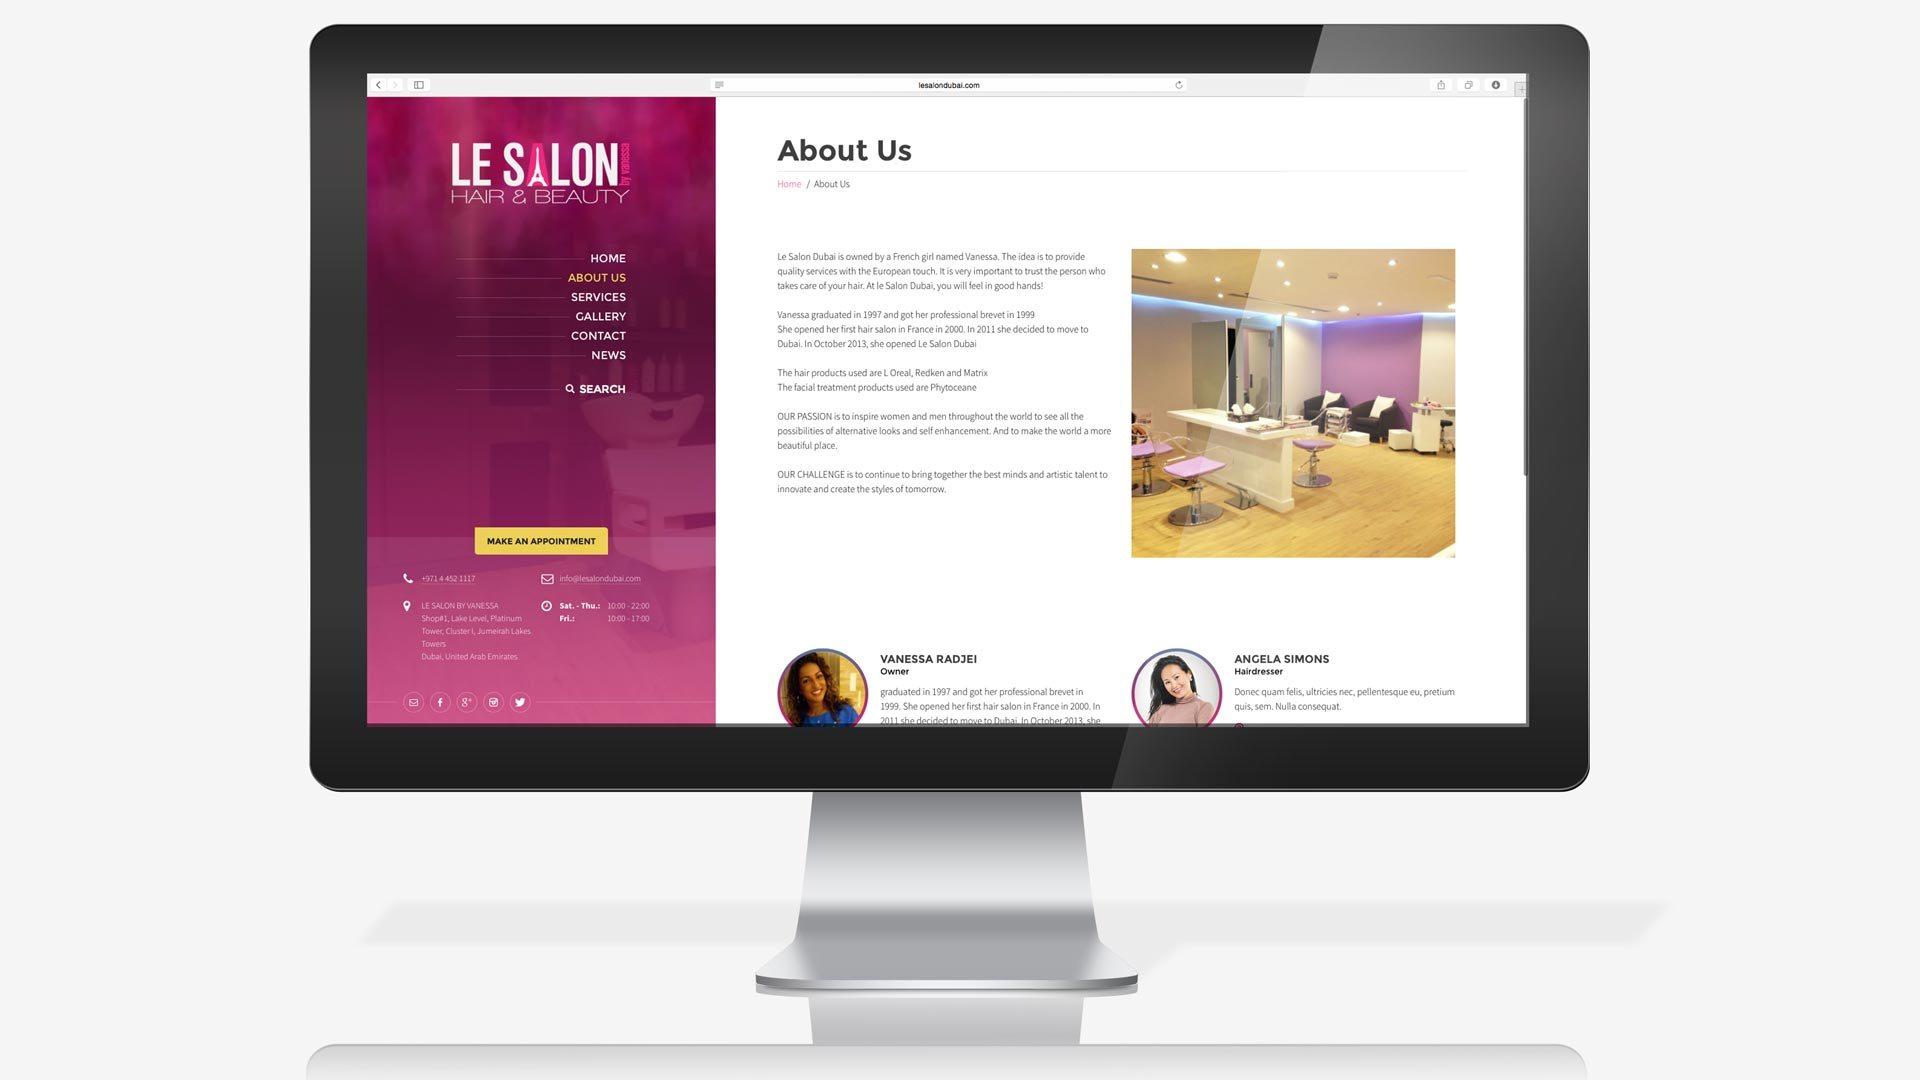 le-salon-website-about